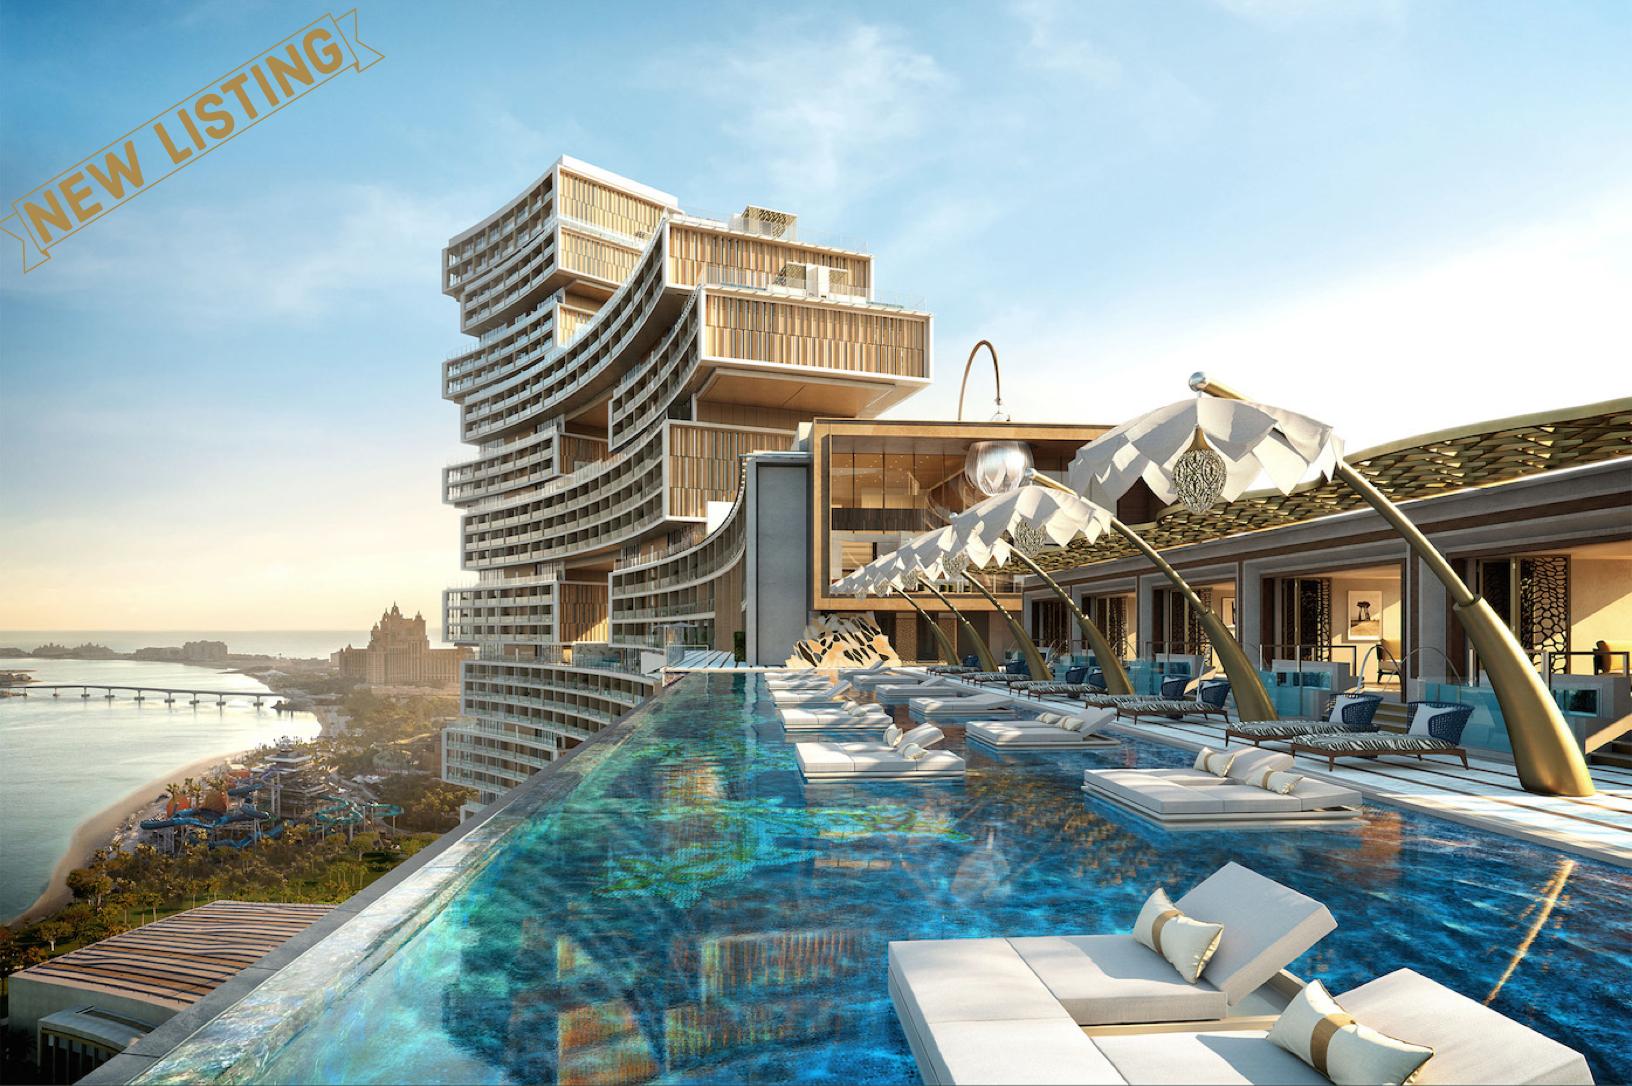 Penthouse Triplex ATLANTIS - Palm Jumeirah, Dubai for sale For Super Rich